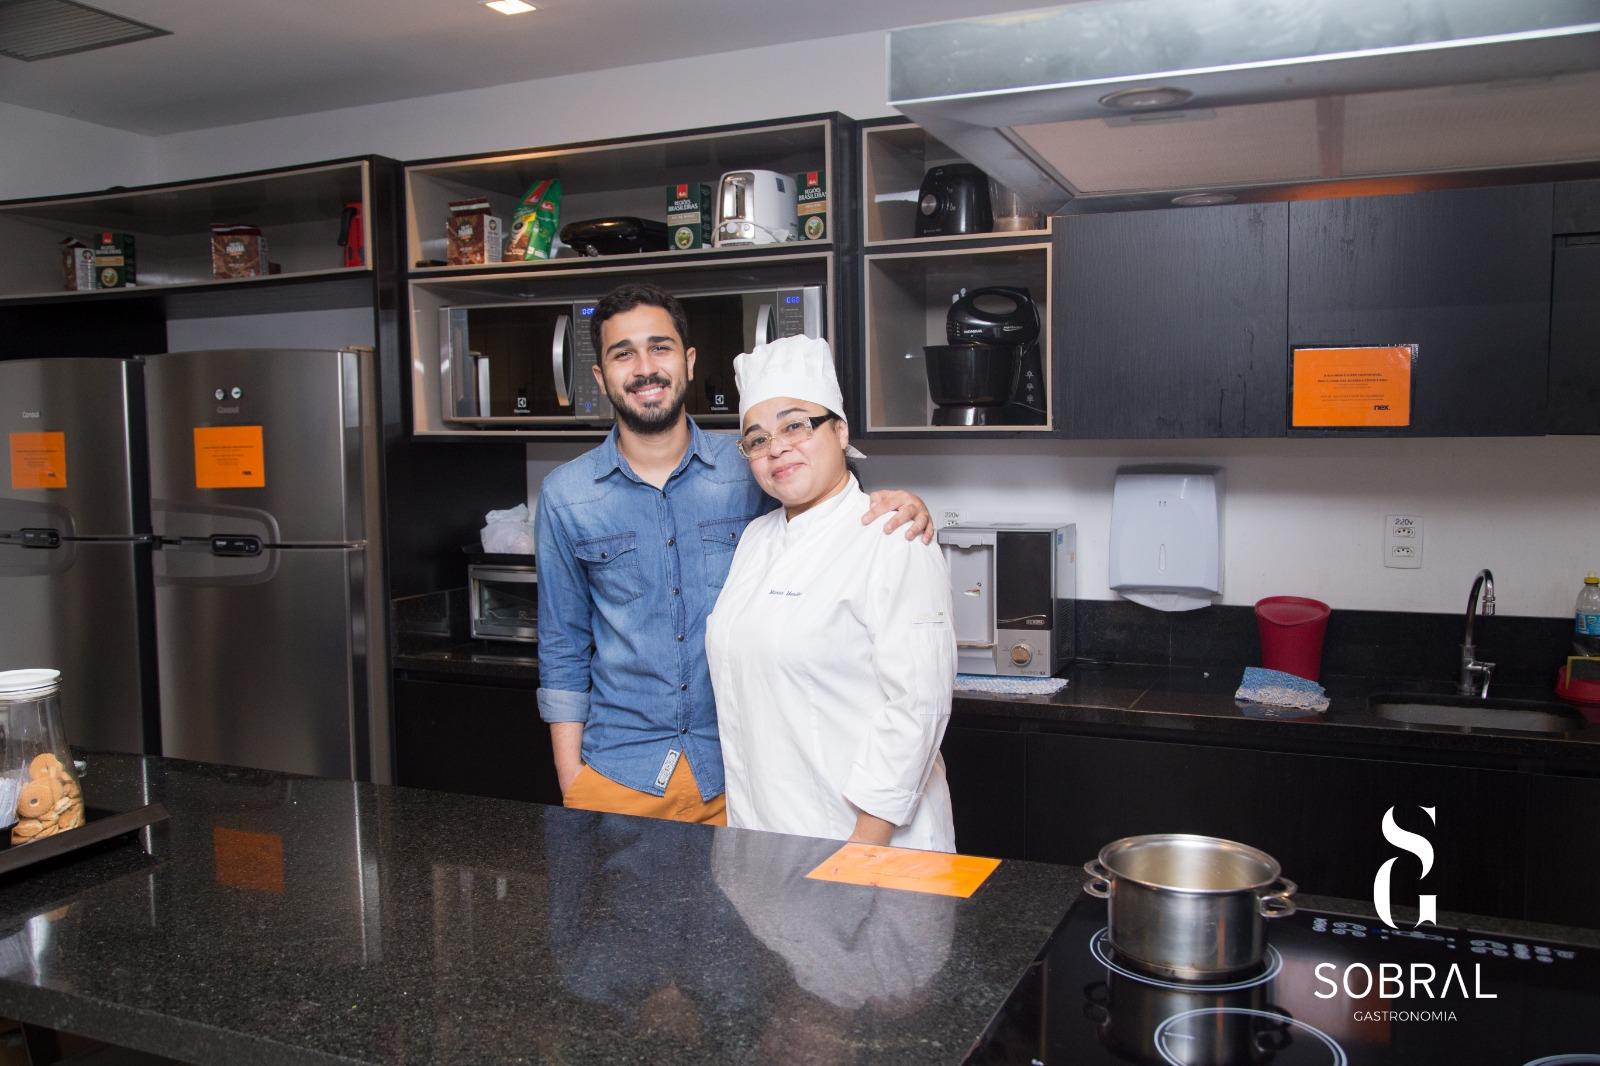 Adriano Sobral e Marcia Mendes - Sobral Gastronomia